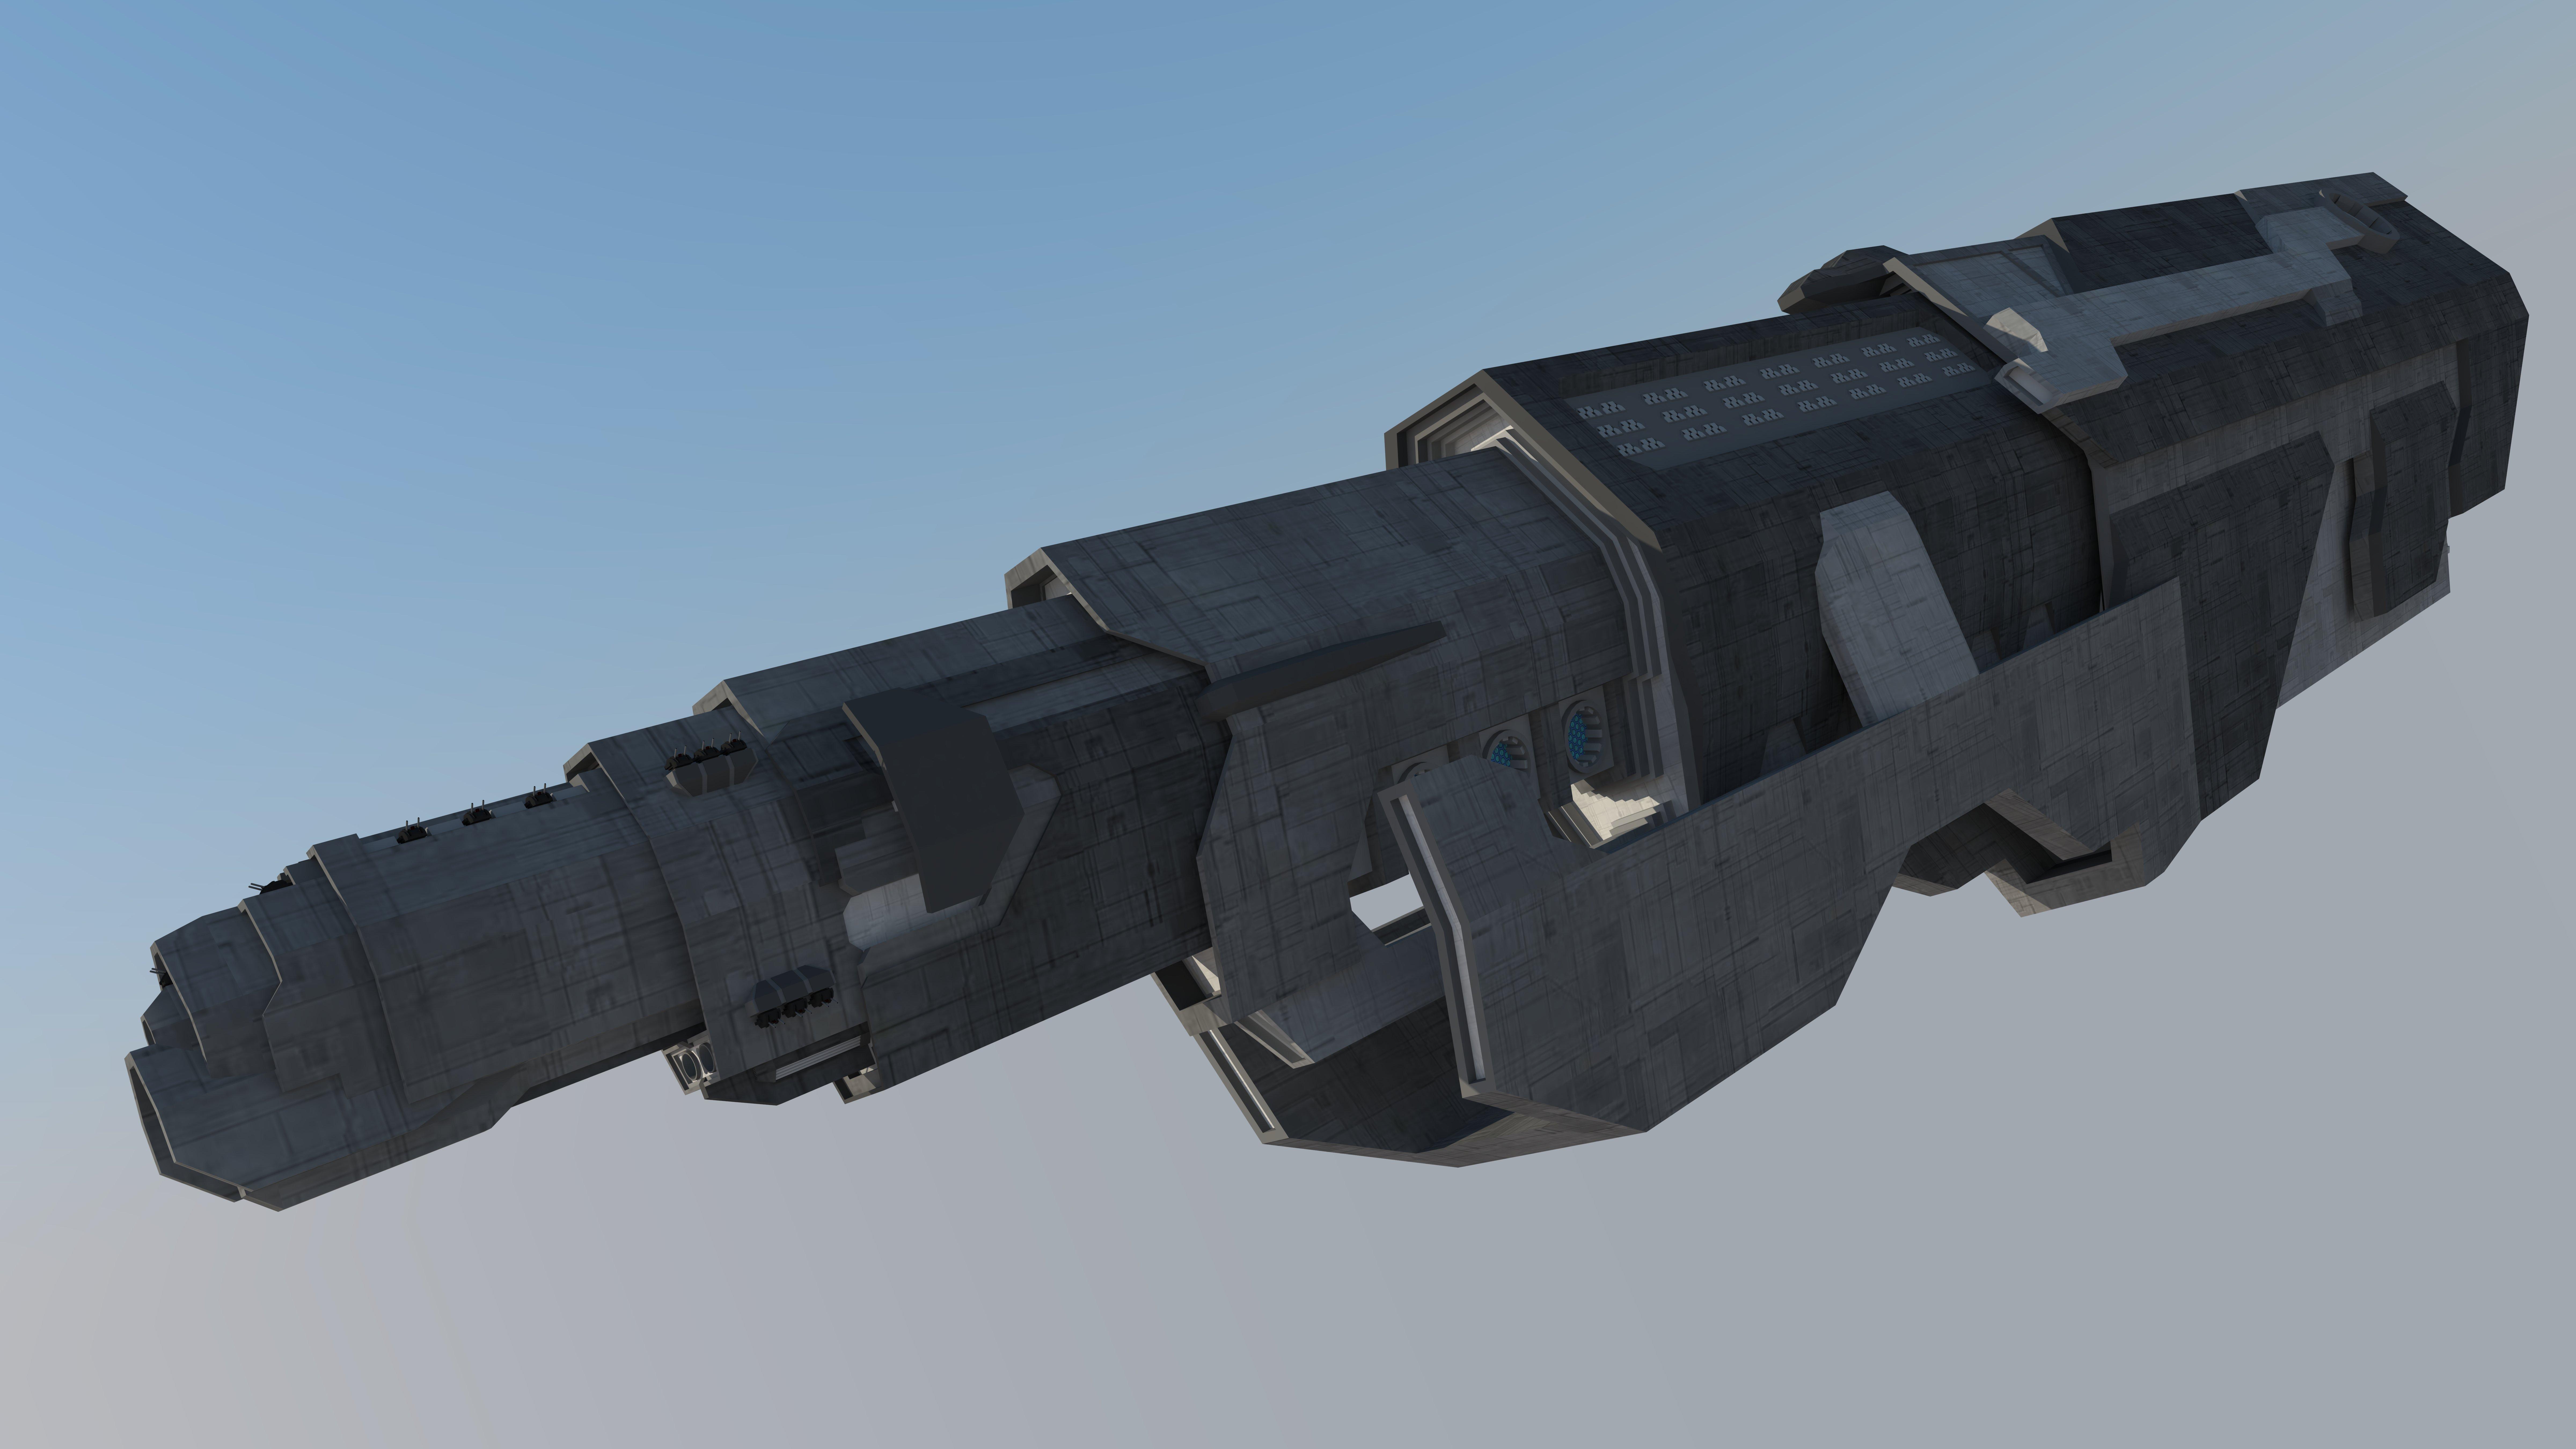 terran Atlas class dreadnaught